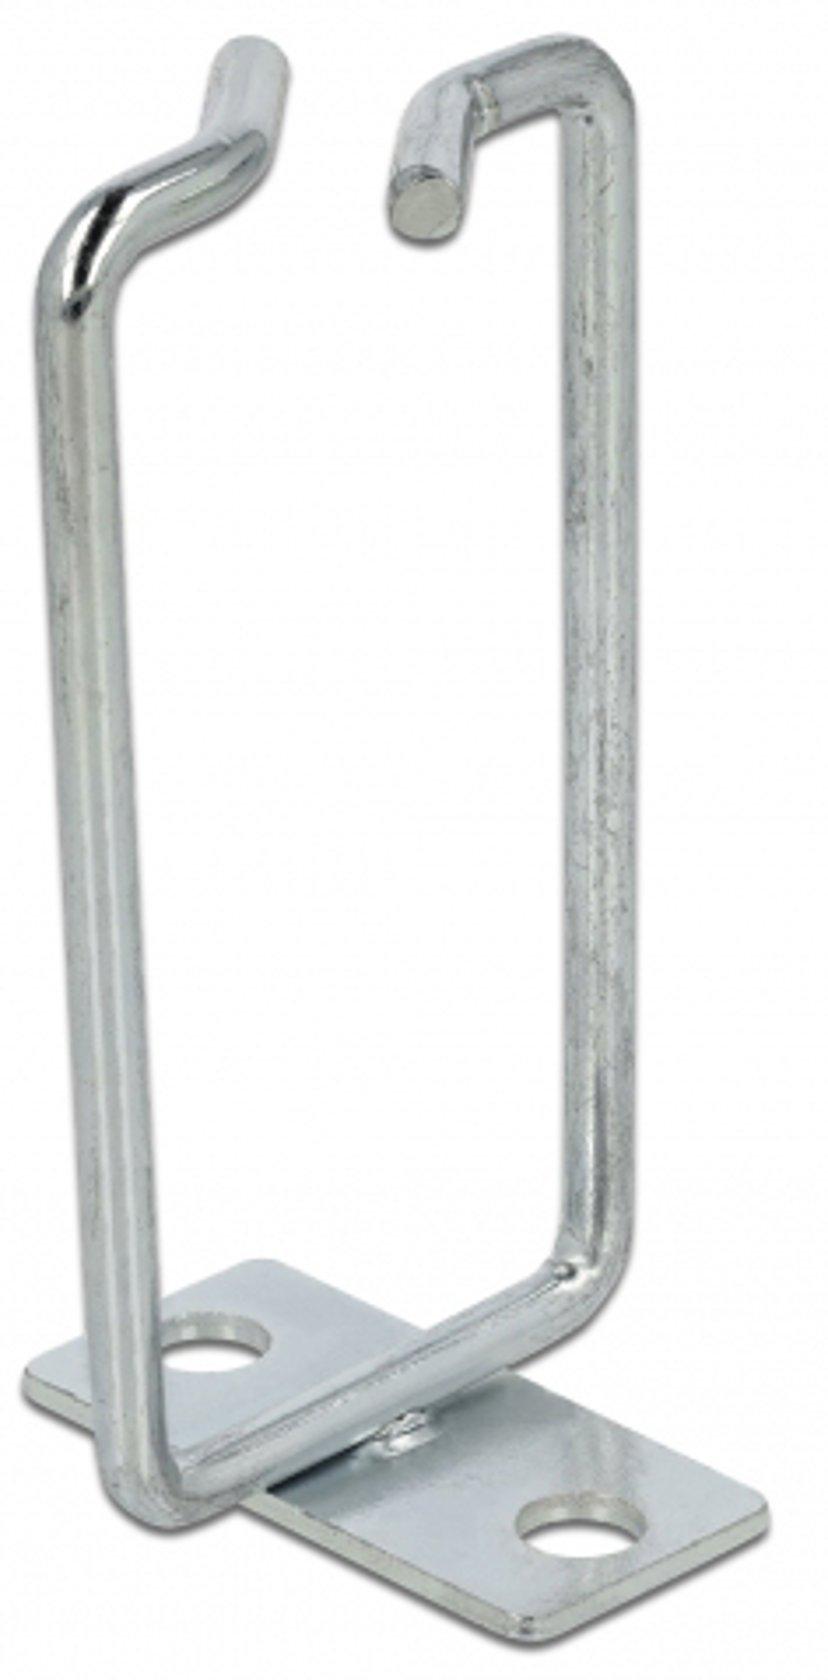 Delock Kabelgenomföring för rack 80X40MM